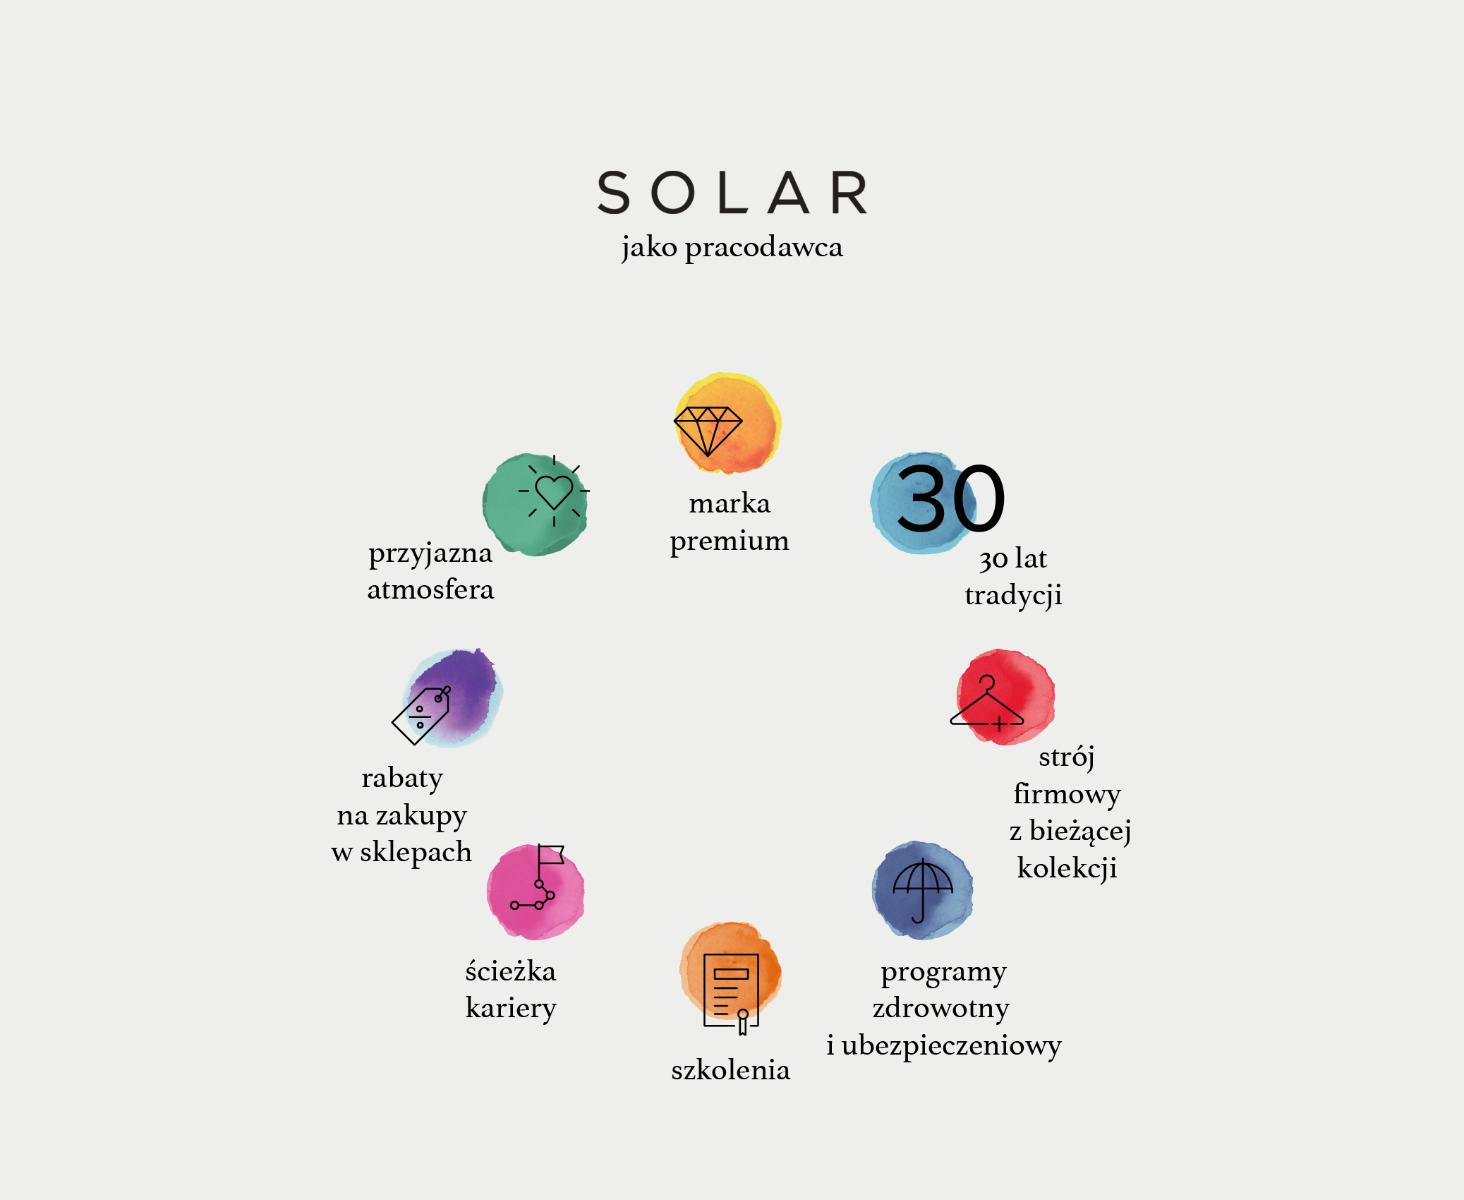 SOLAR jako pracodawca